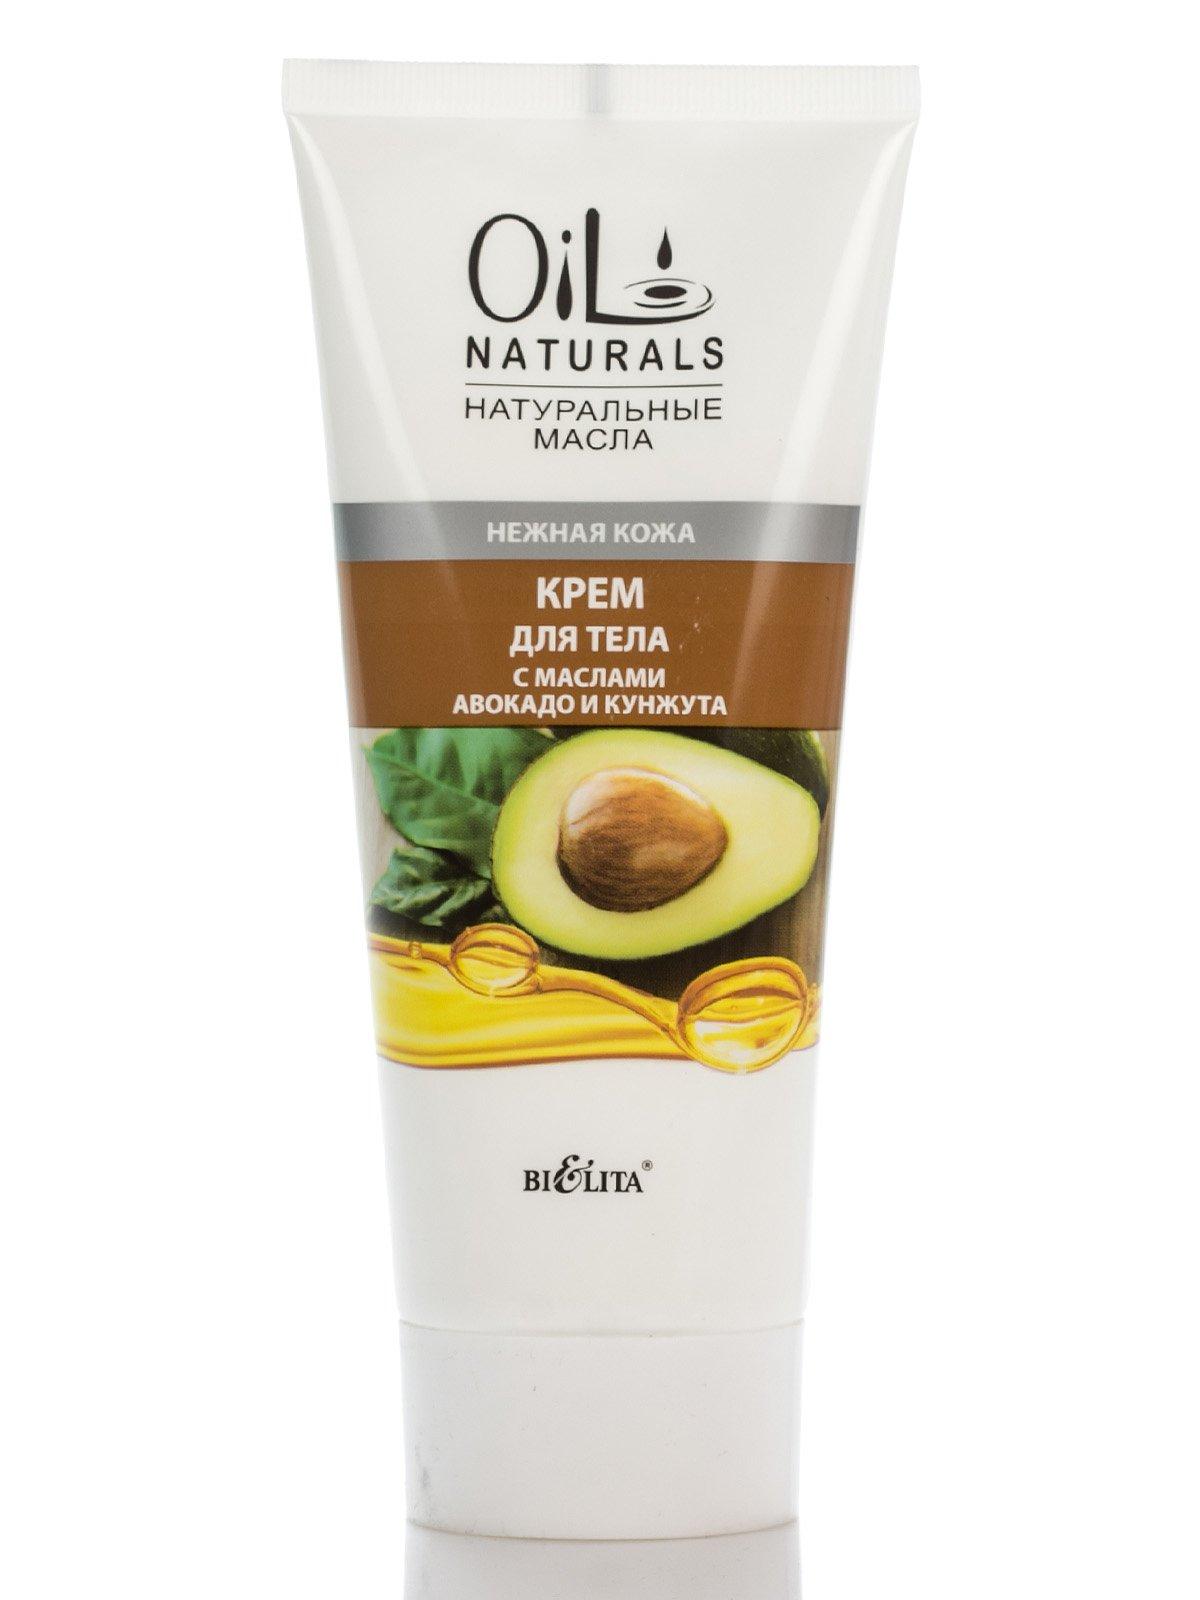 Крем для тела с маслами авокадо и кунжута «Нежная кожа» (200 мл) | 2664416